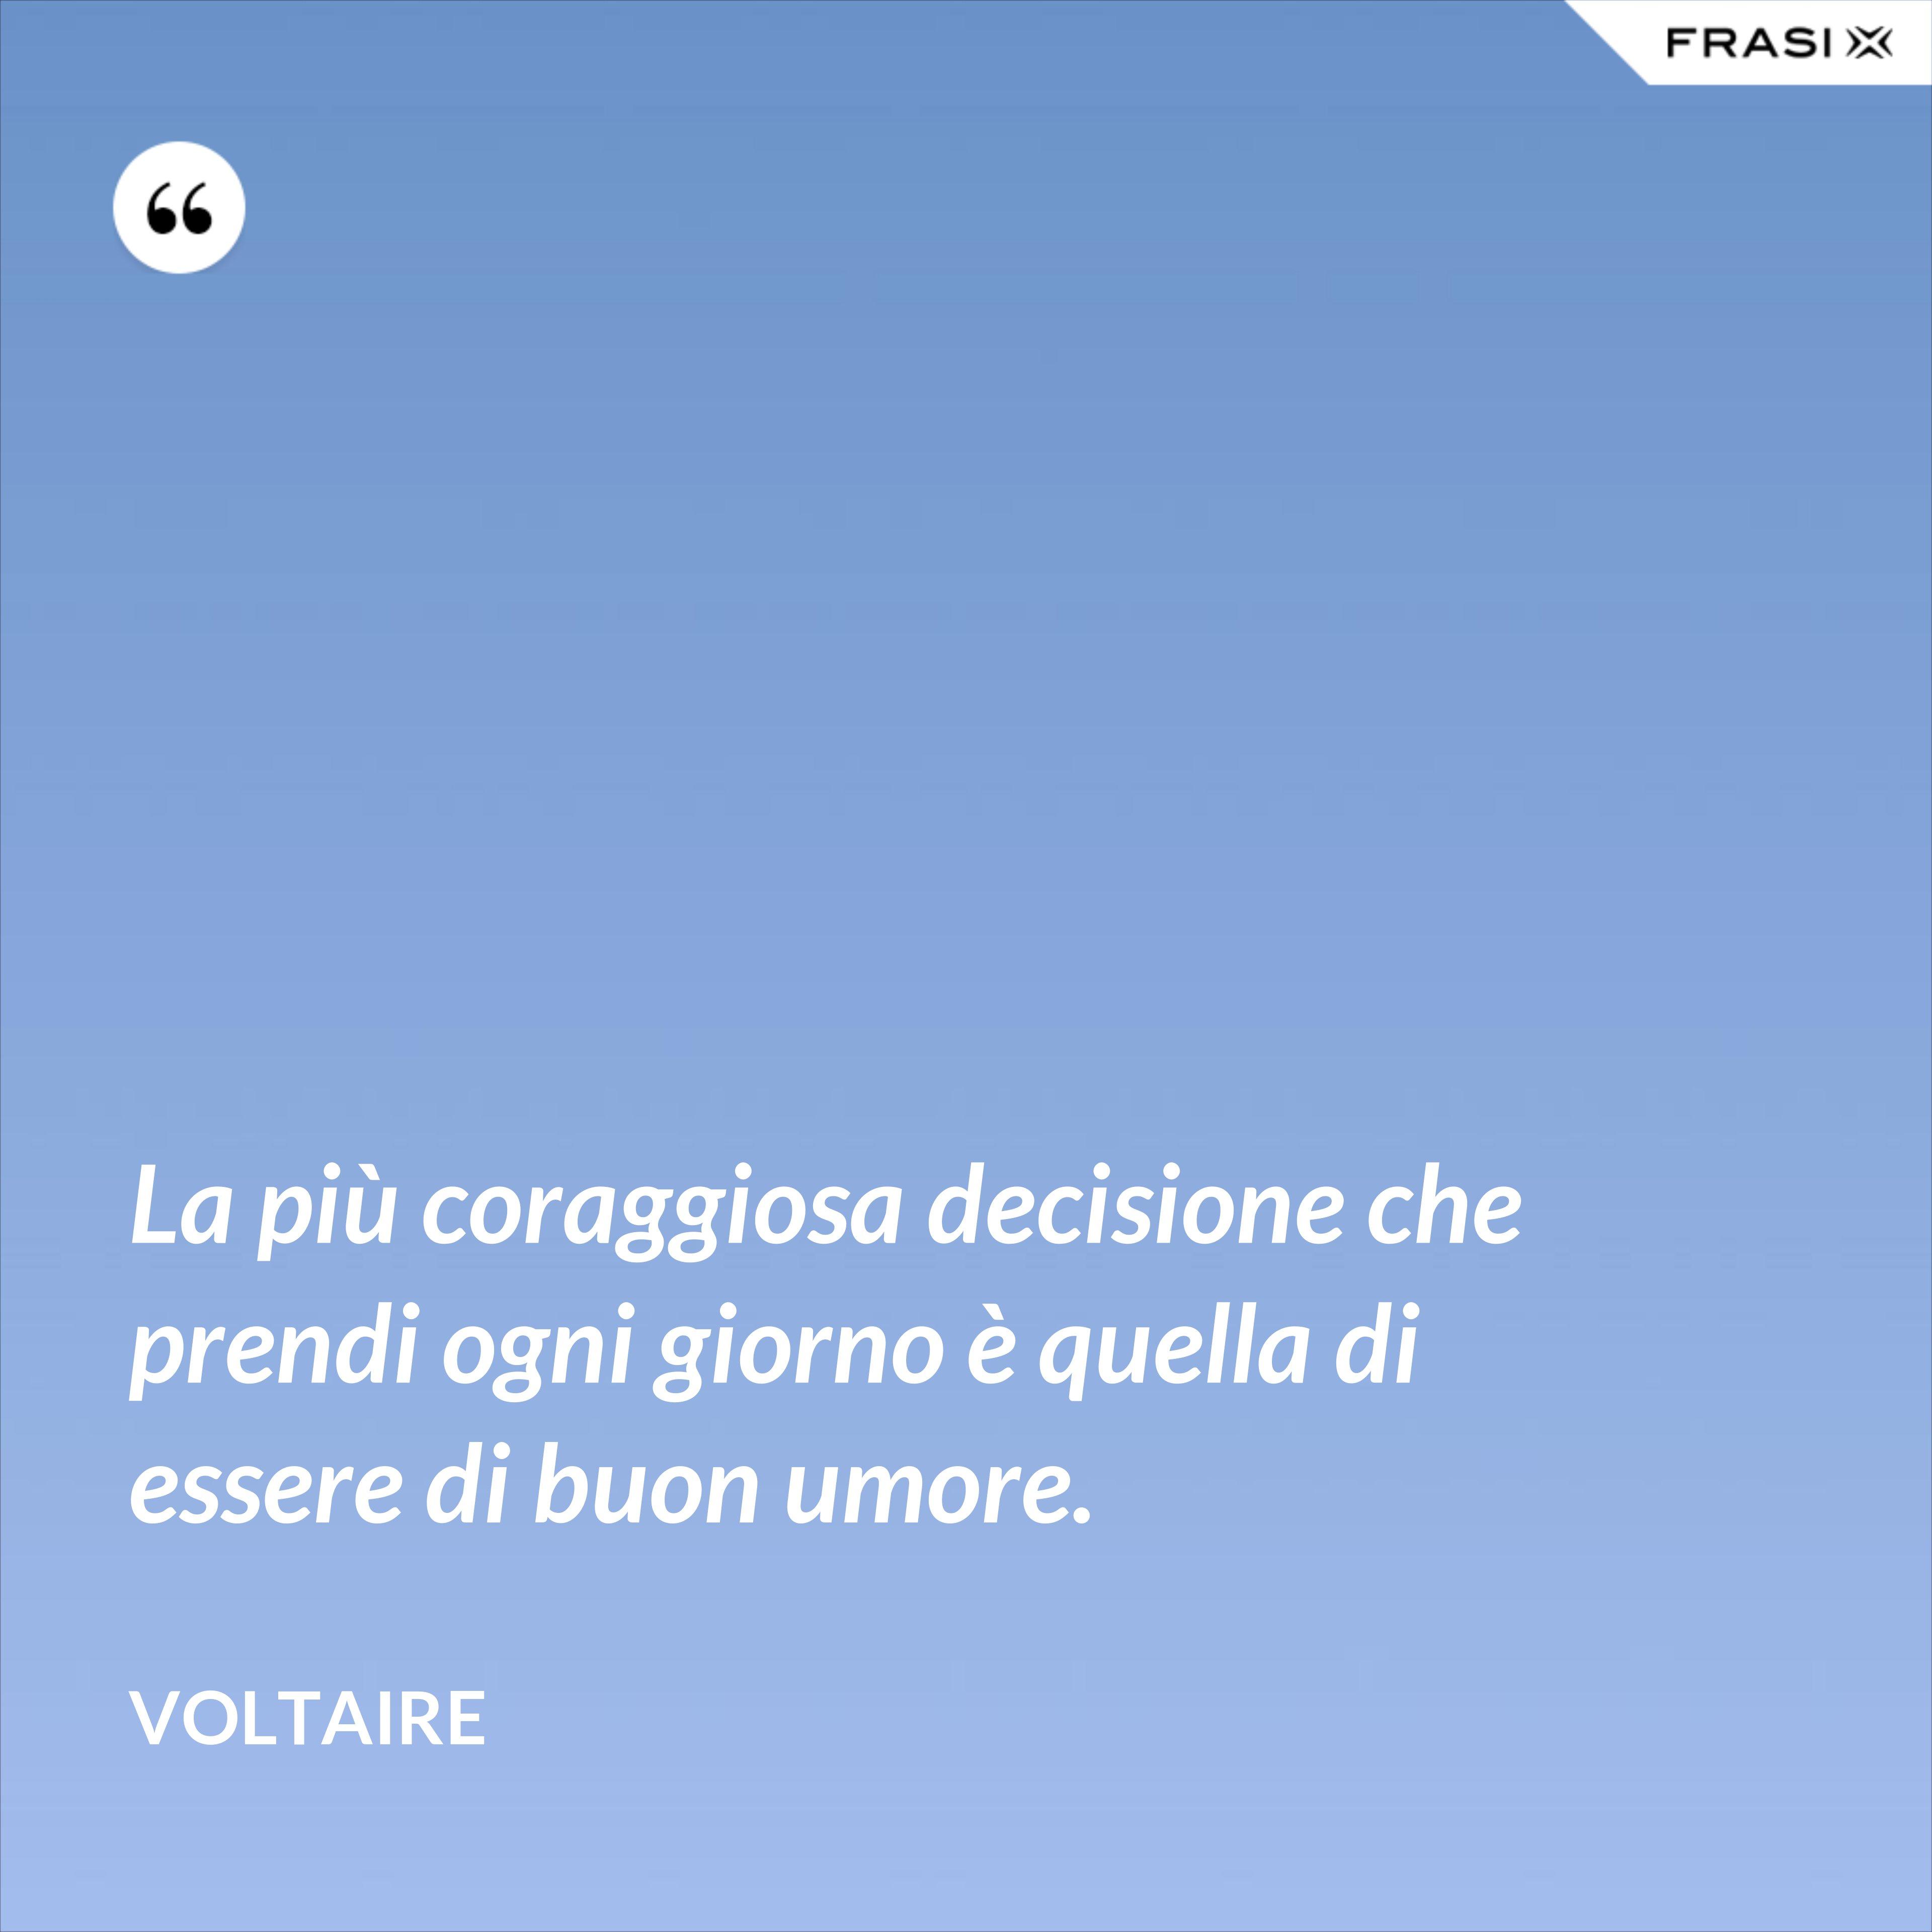 La più coraggiosa decisione che prendi ogni giorno è quella di essere di buon umore. - Voltaire